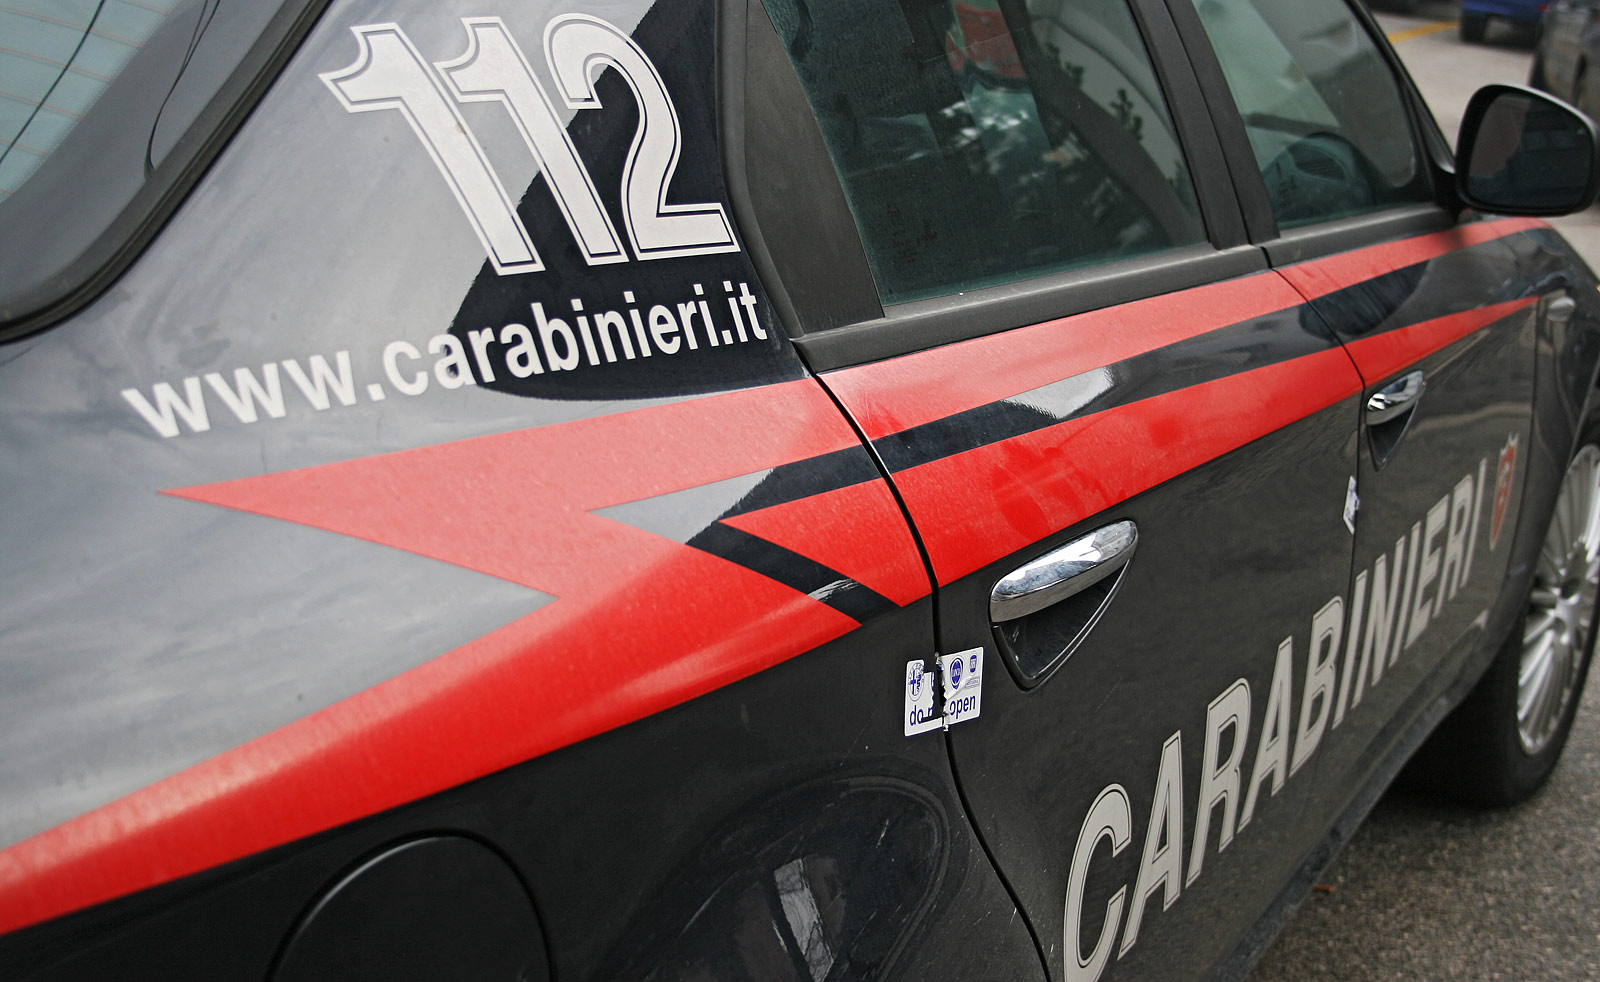 carabinieri-gazzella-31